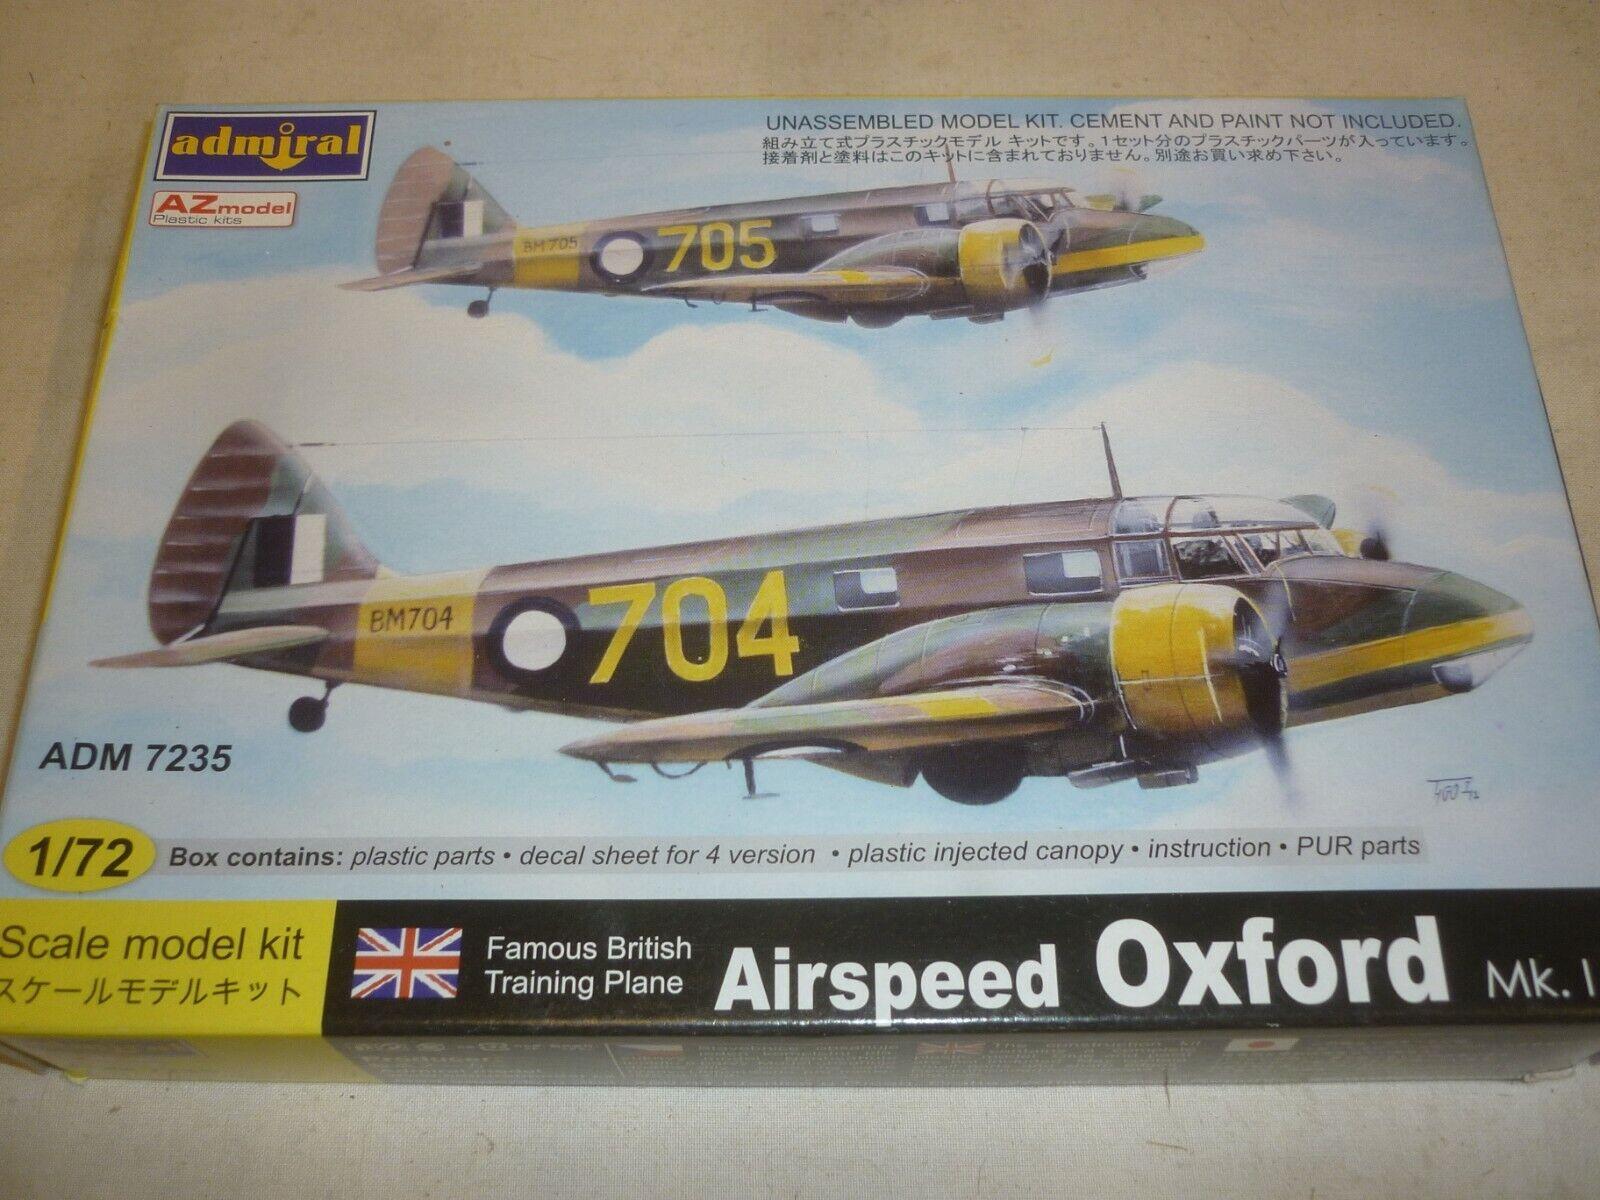 A -Z modelllllerler Admiral icke -byggt plastkit för en Airspeed Oxford, mk1, lådaed.